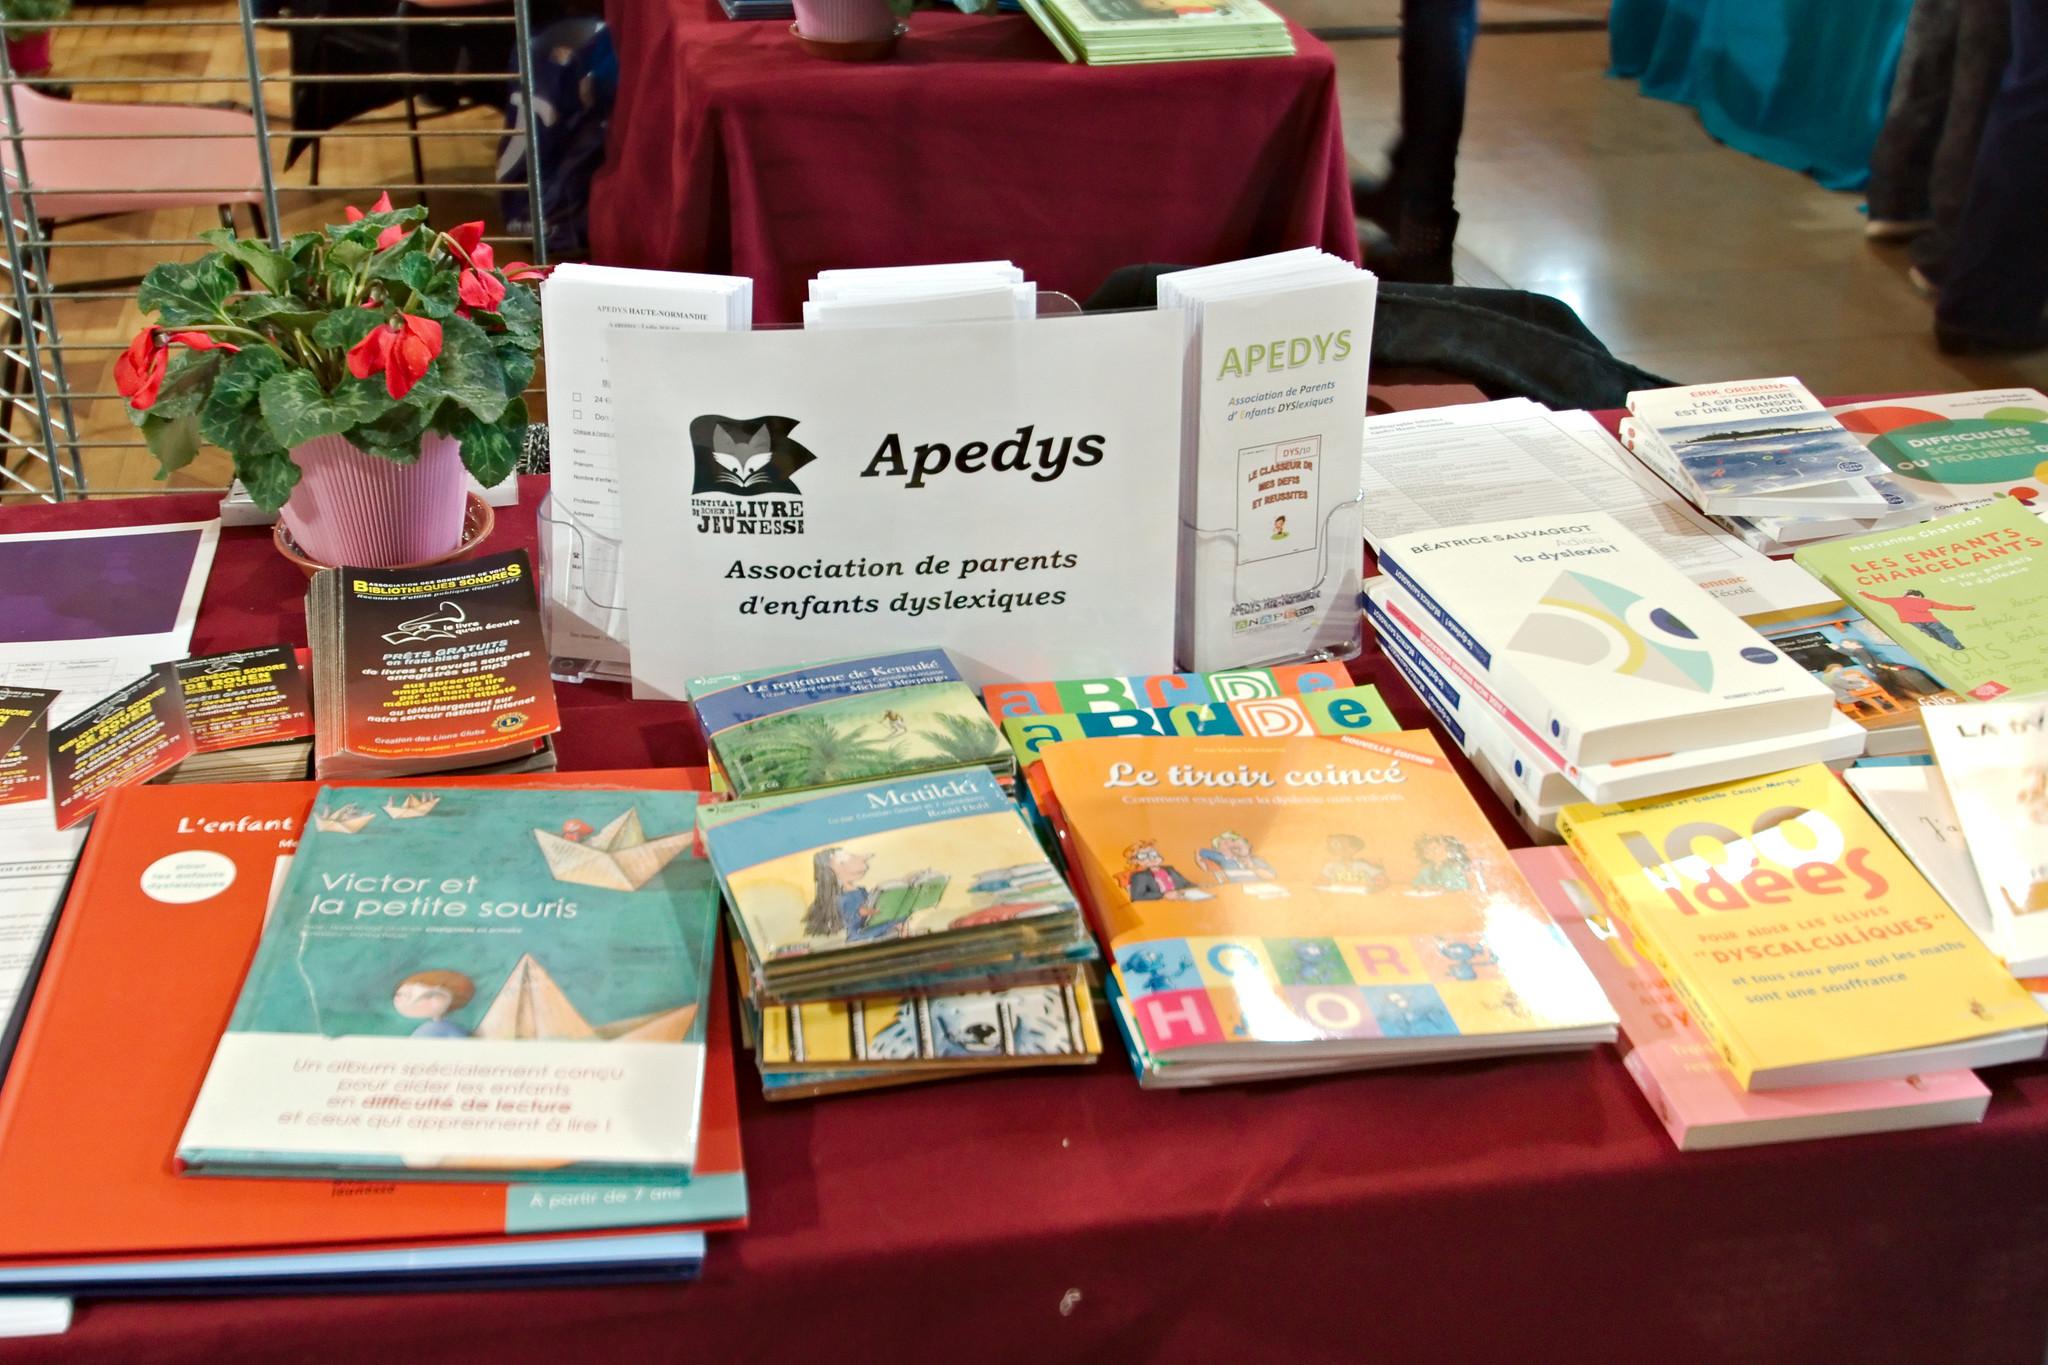 Apedys, association de parents d'enfants dyslexiques